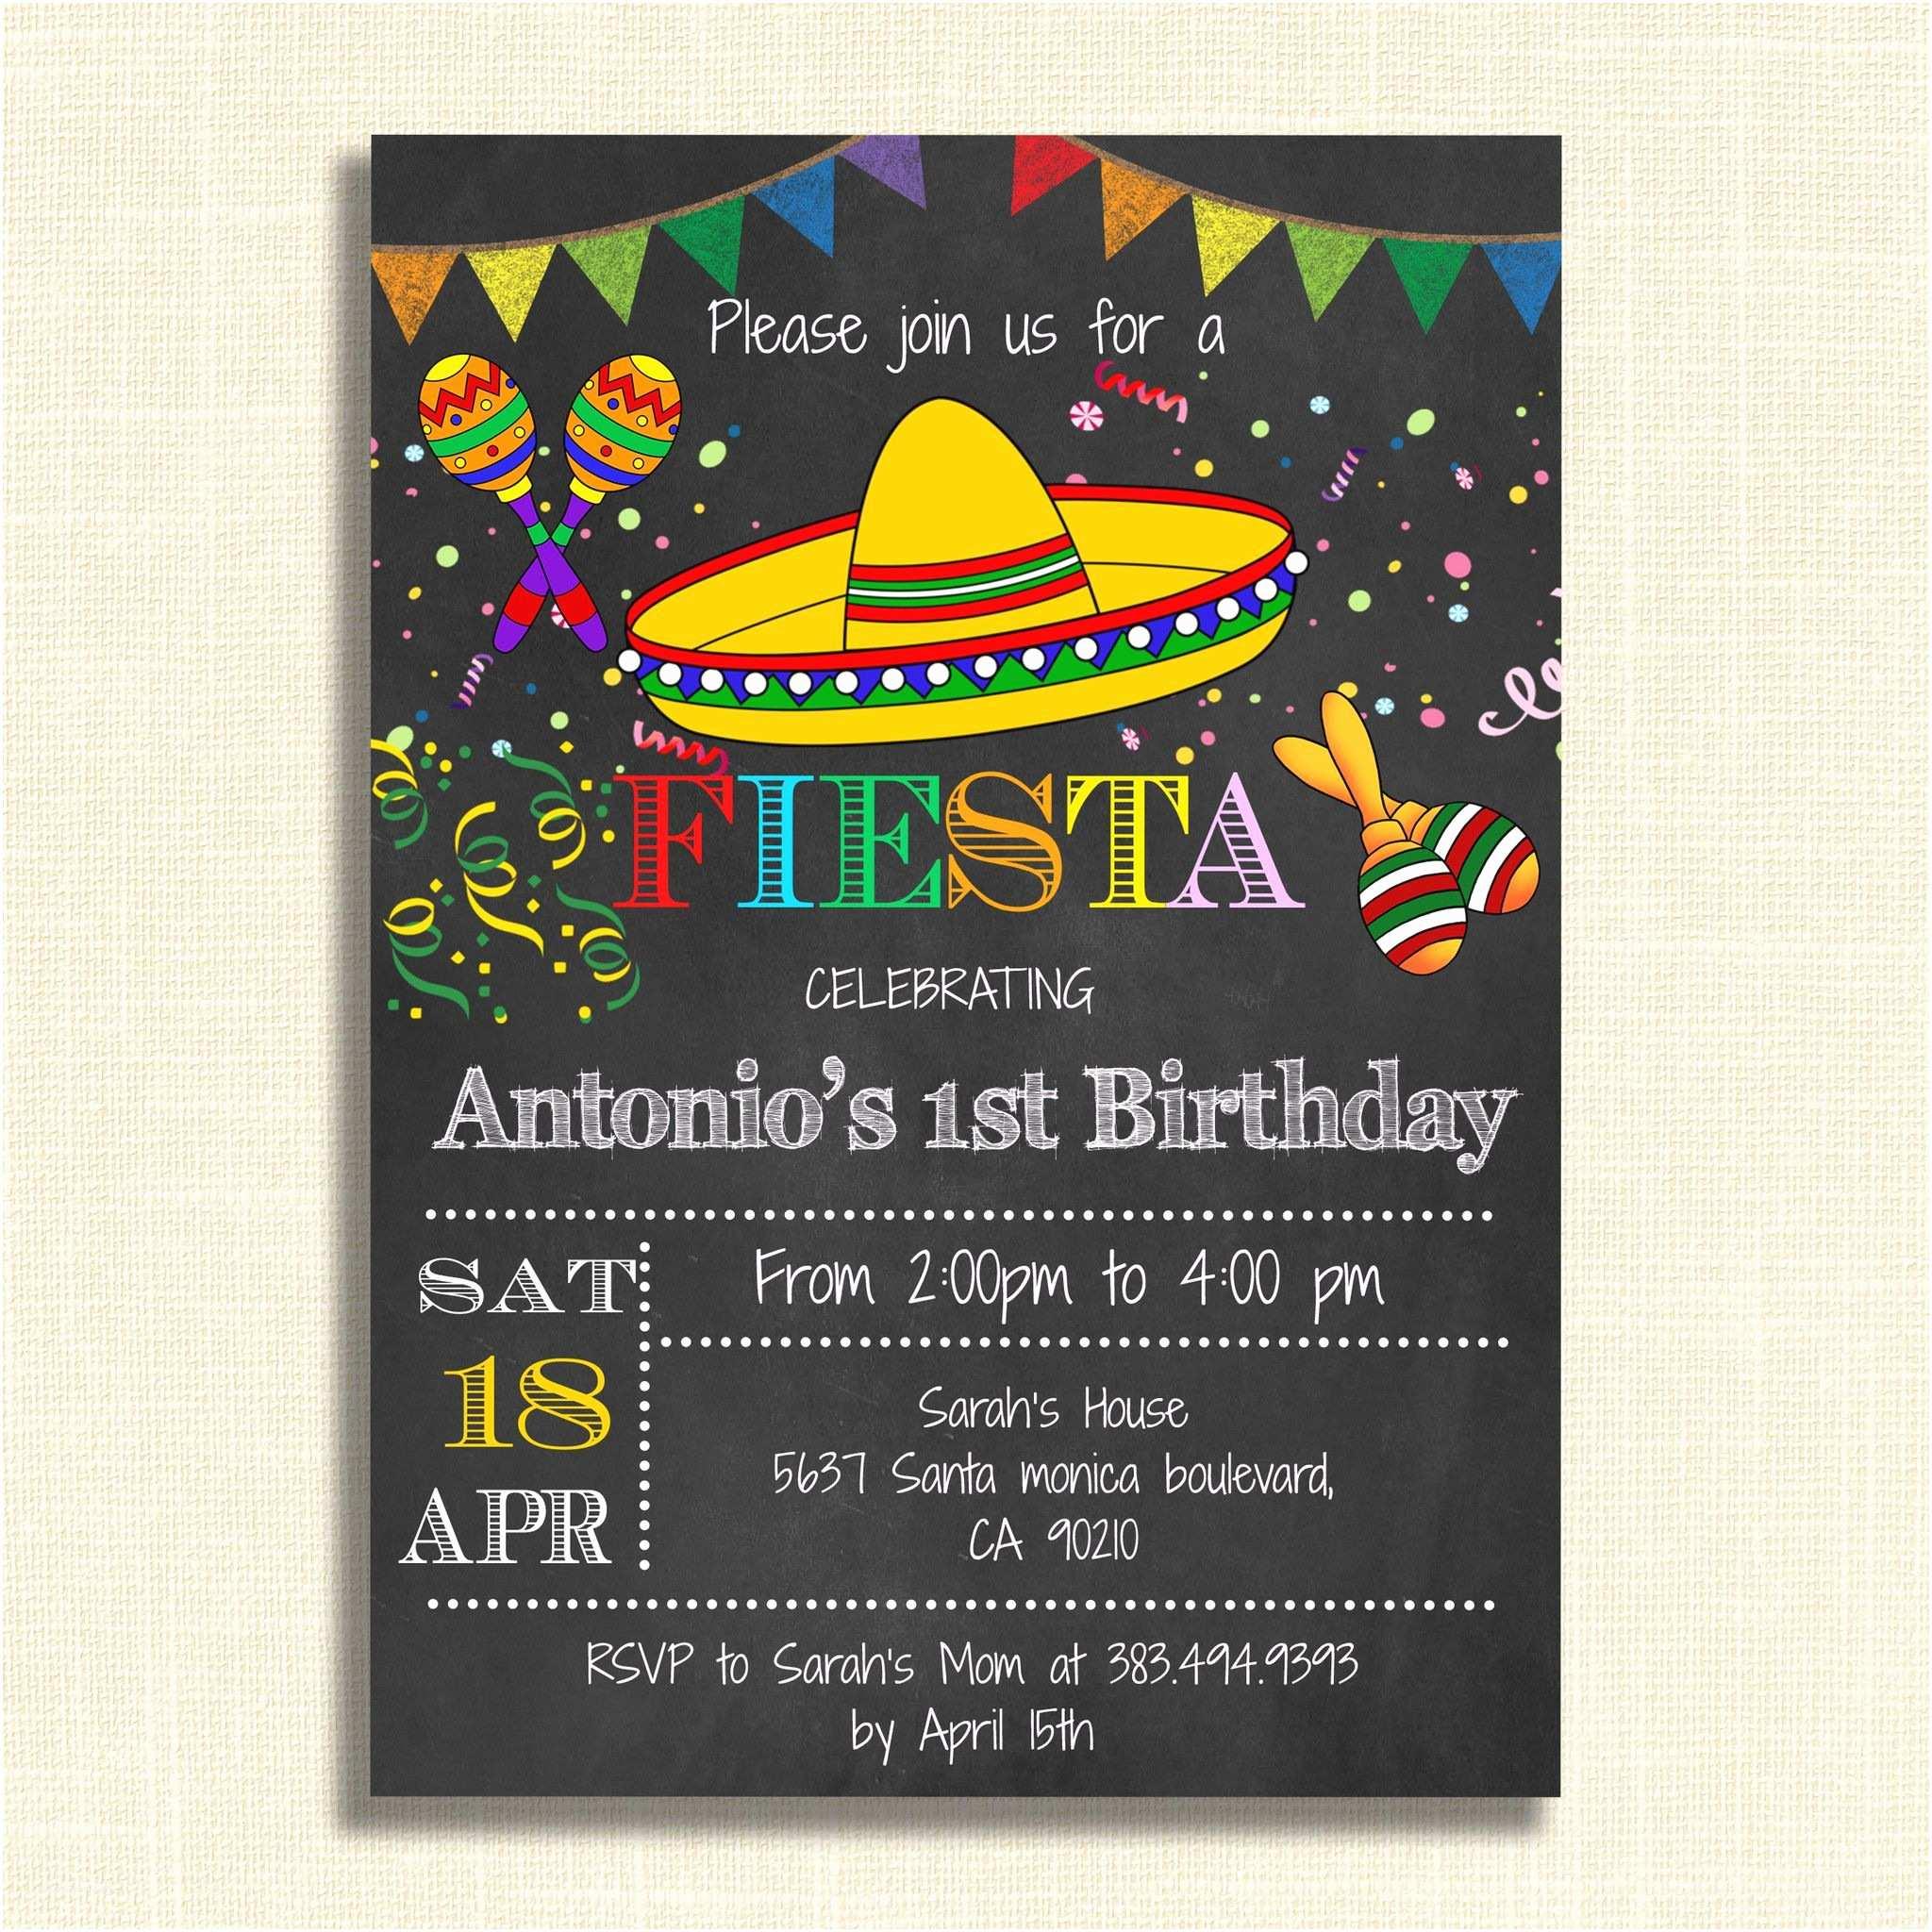 Diy Party Invitations Printable Mexican Fiesta Party Invitations – Diy Party